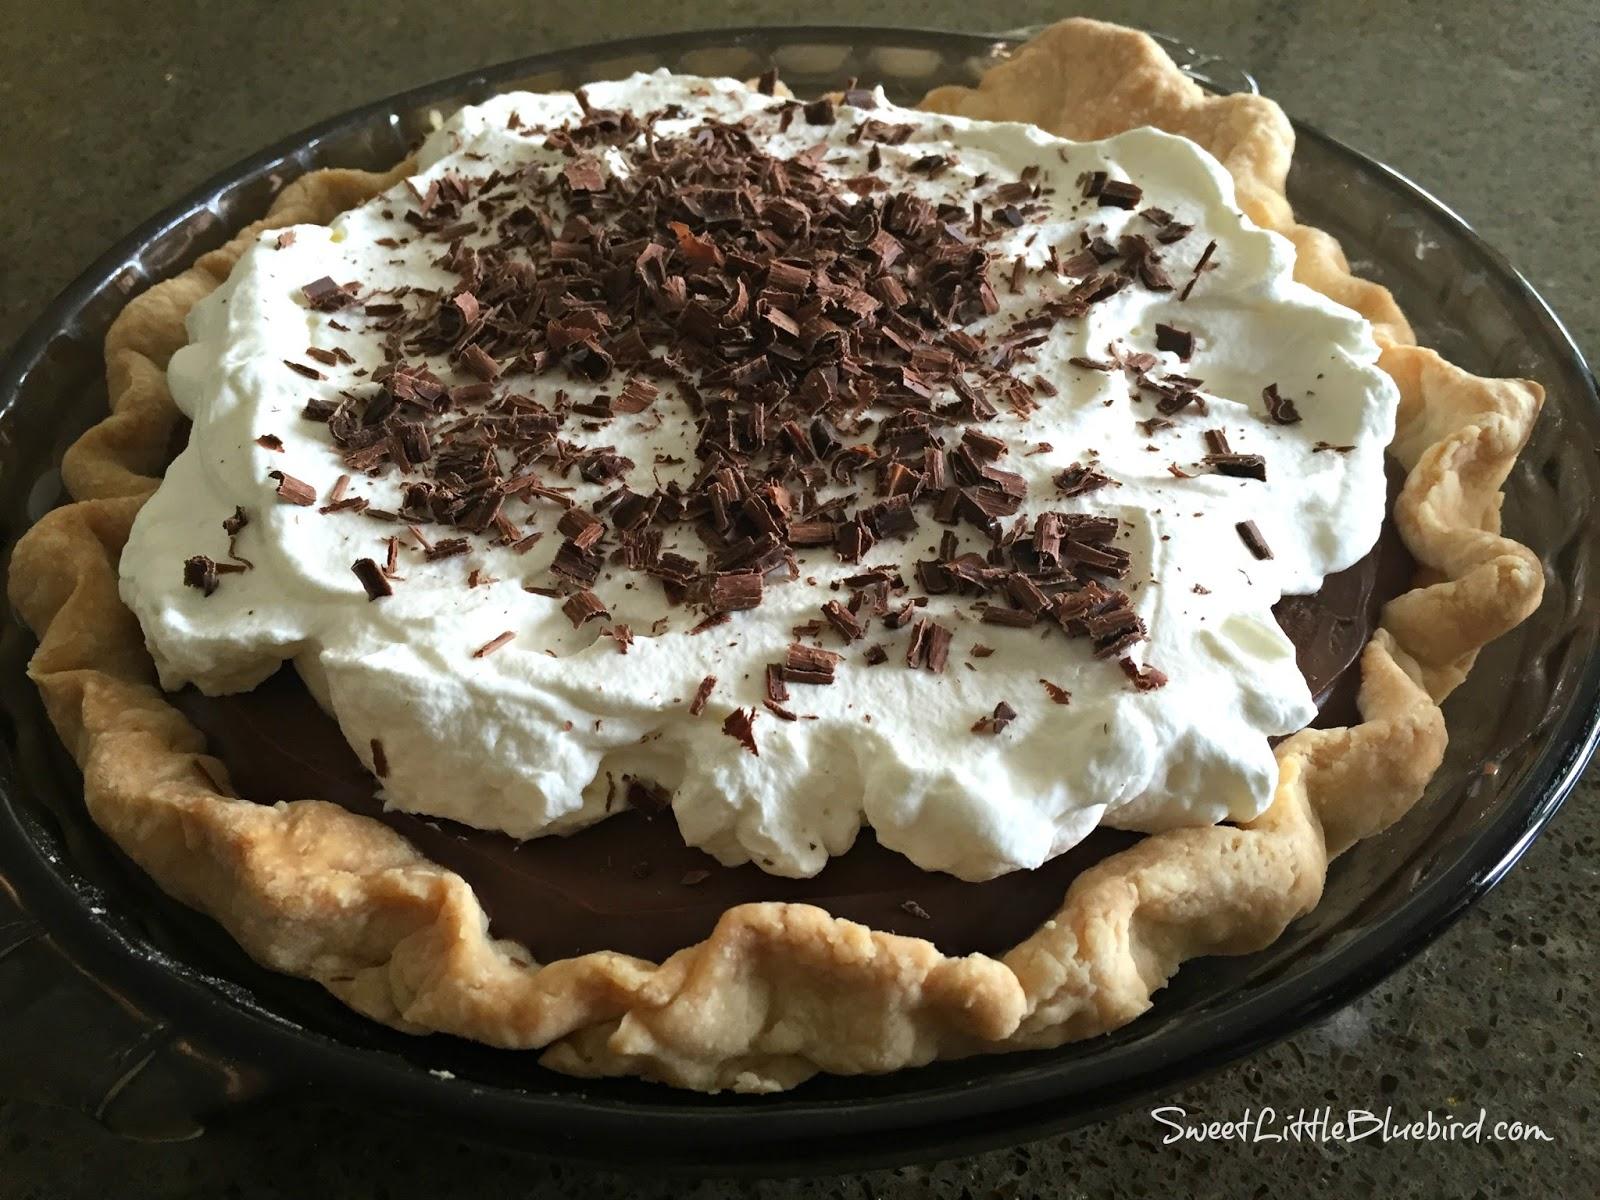 Sweet Little Bluebird: The Best Homemade Chocolate Pudding Pie